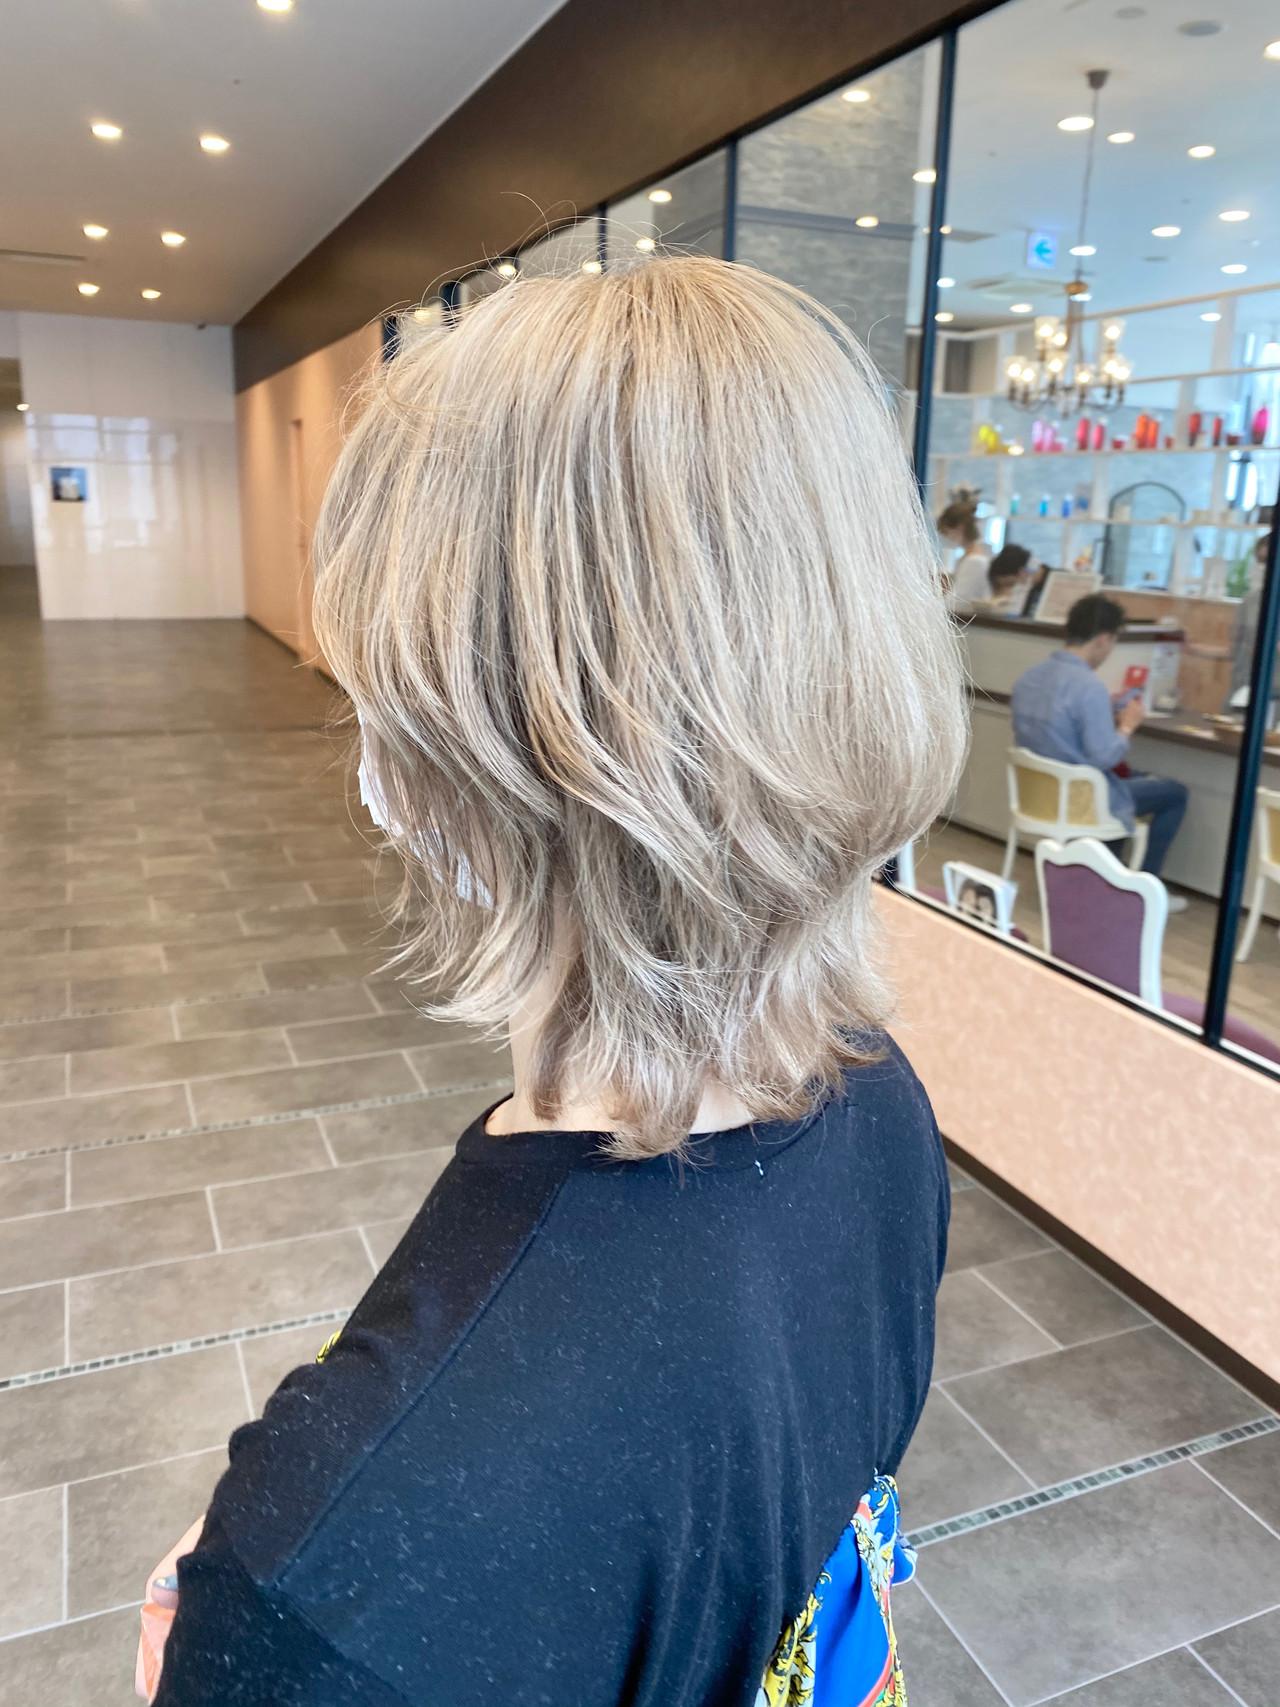 ブロンド ブロンドカラー ミディアム ウルフカット ヘアスタイルや髪型の写真・画像